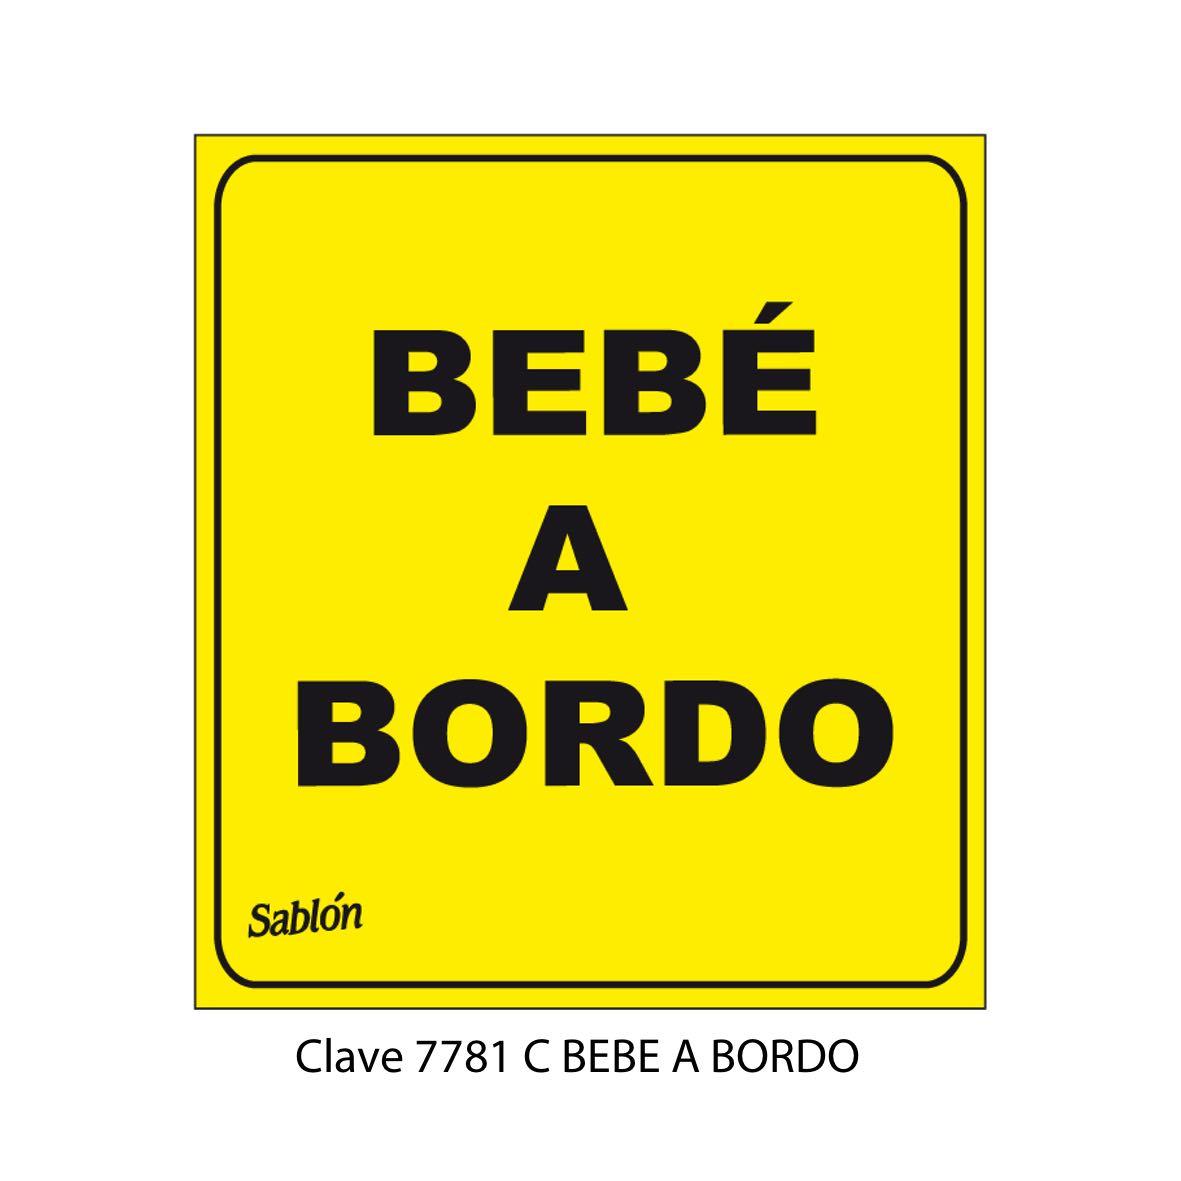 Señal Bebé Abordo modelo 7781 C - Sablón